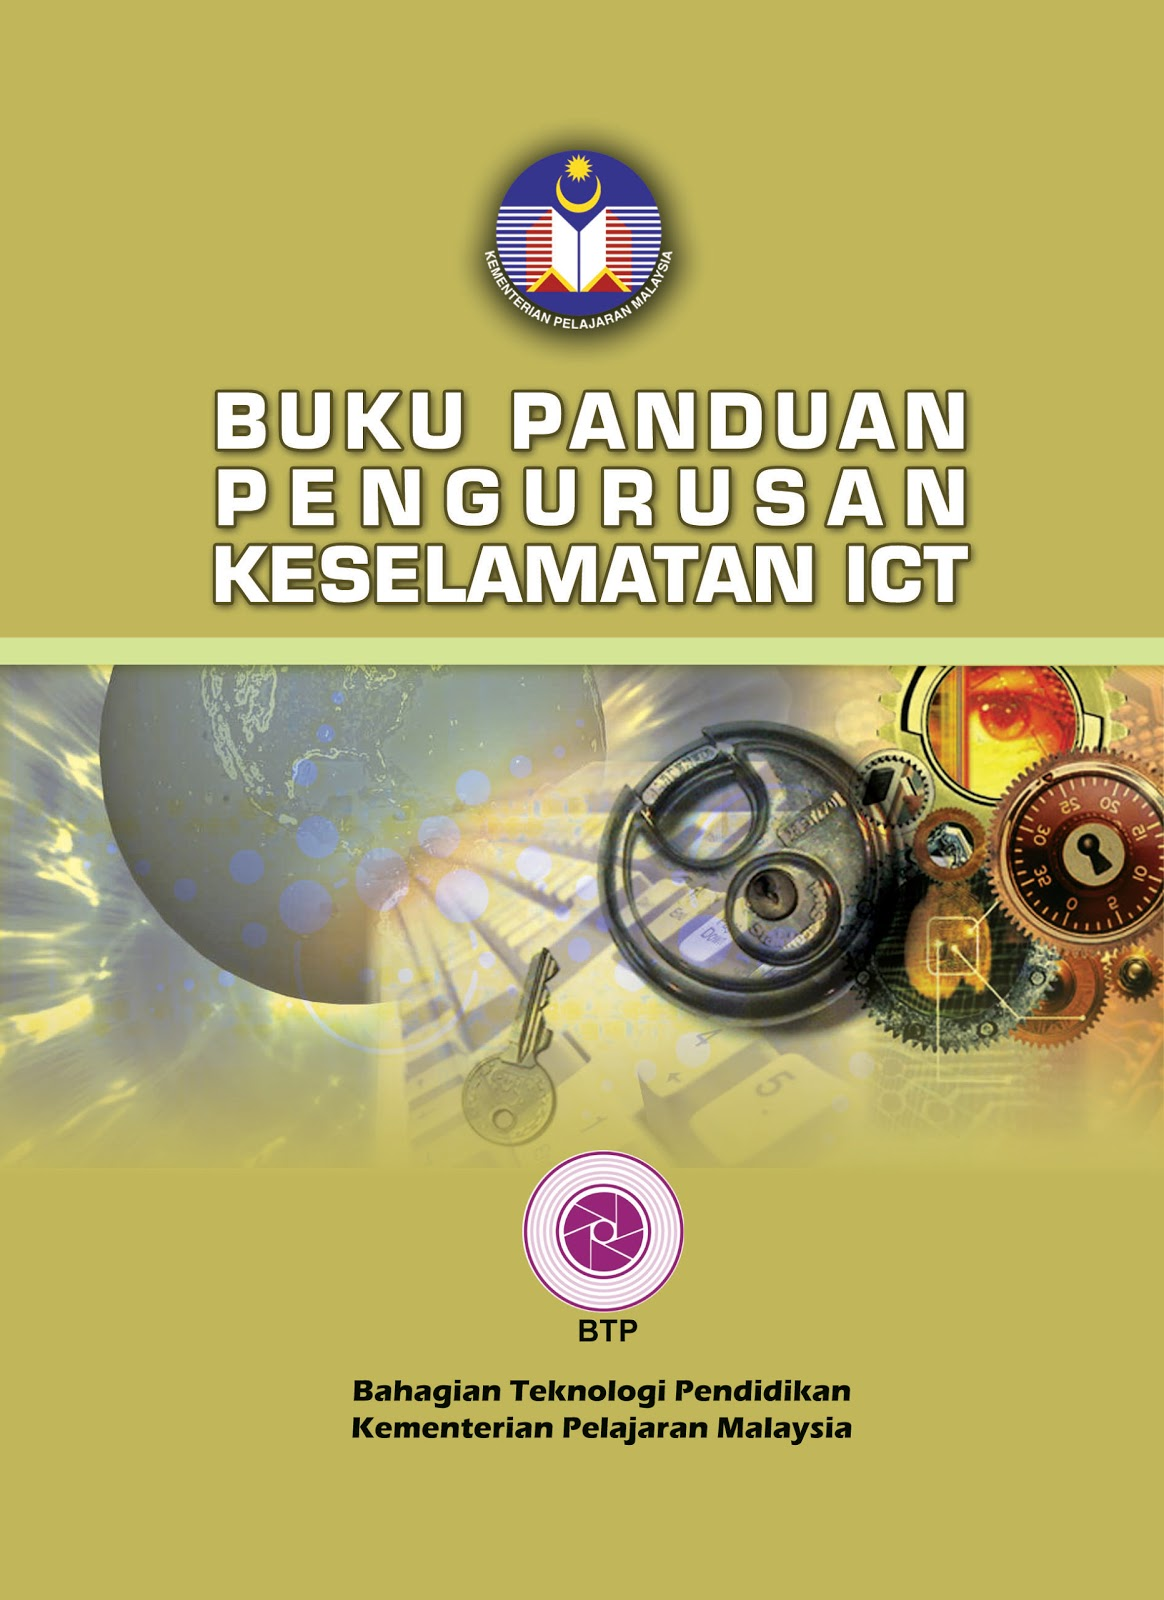 BUKU PANDUAN PENGURUSAN KESELAMATAN ICT